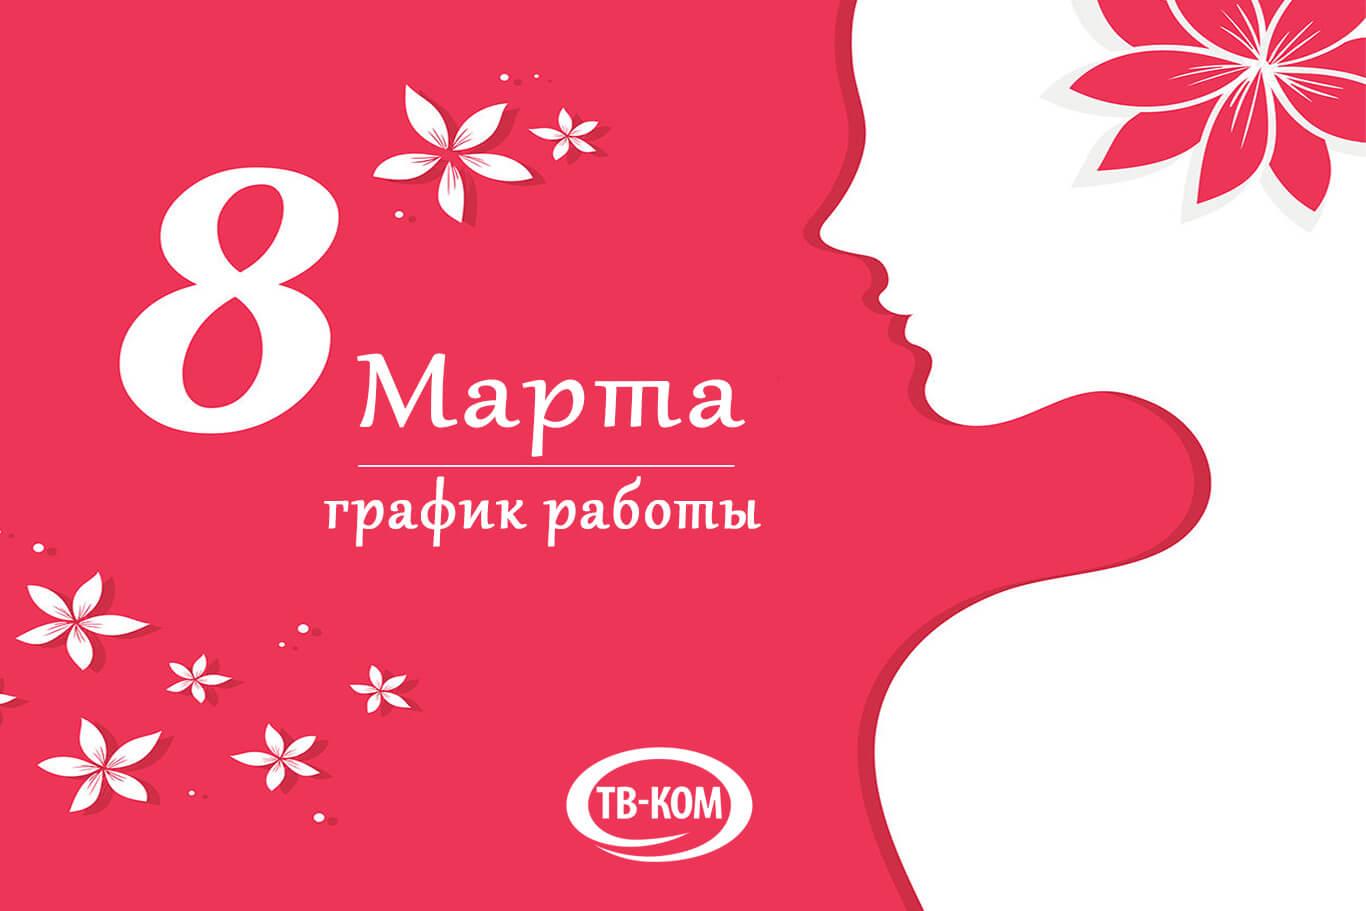 Международный женский день! График работы